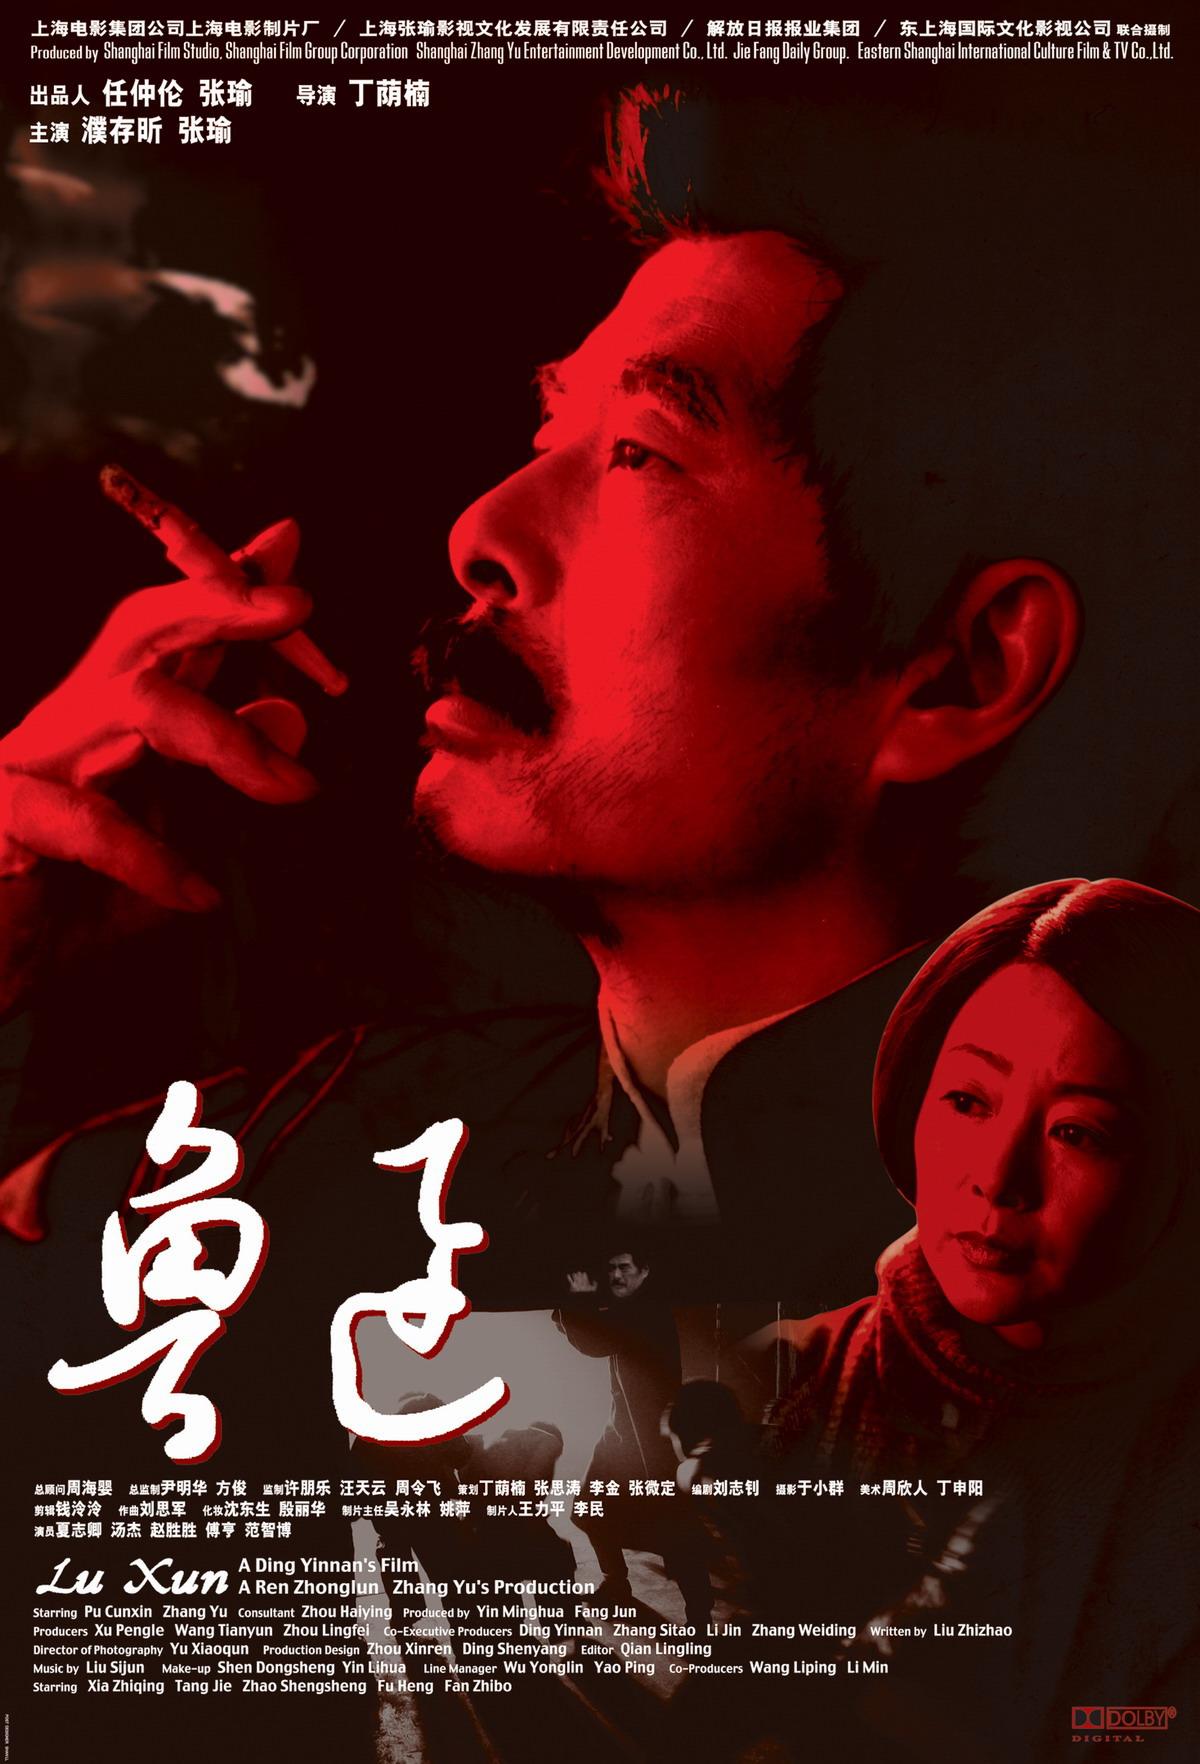 中国电影《鲁迅》海报